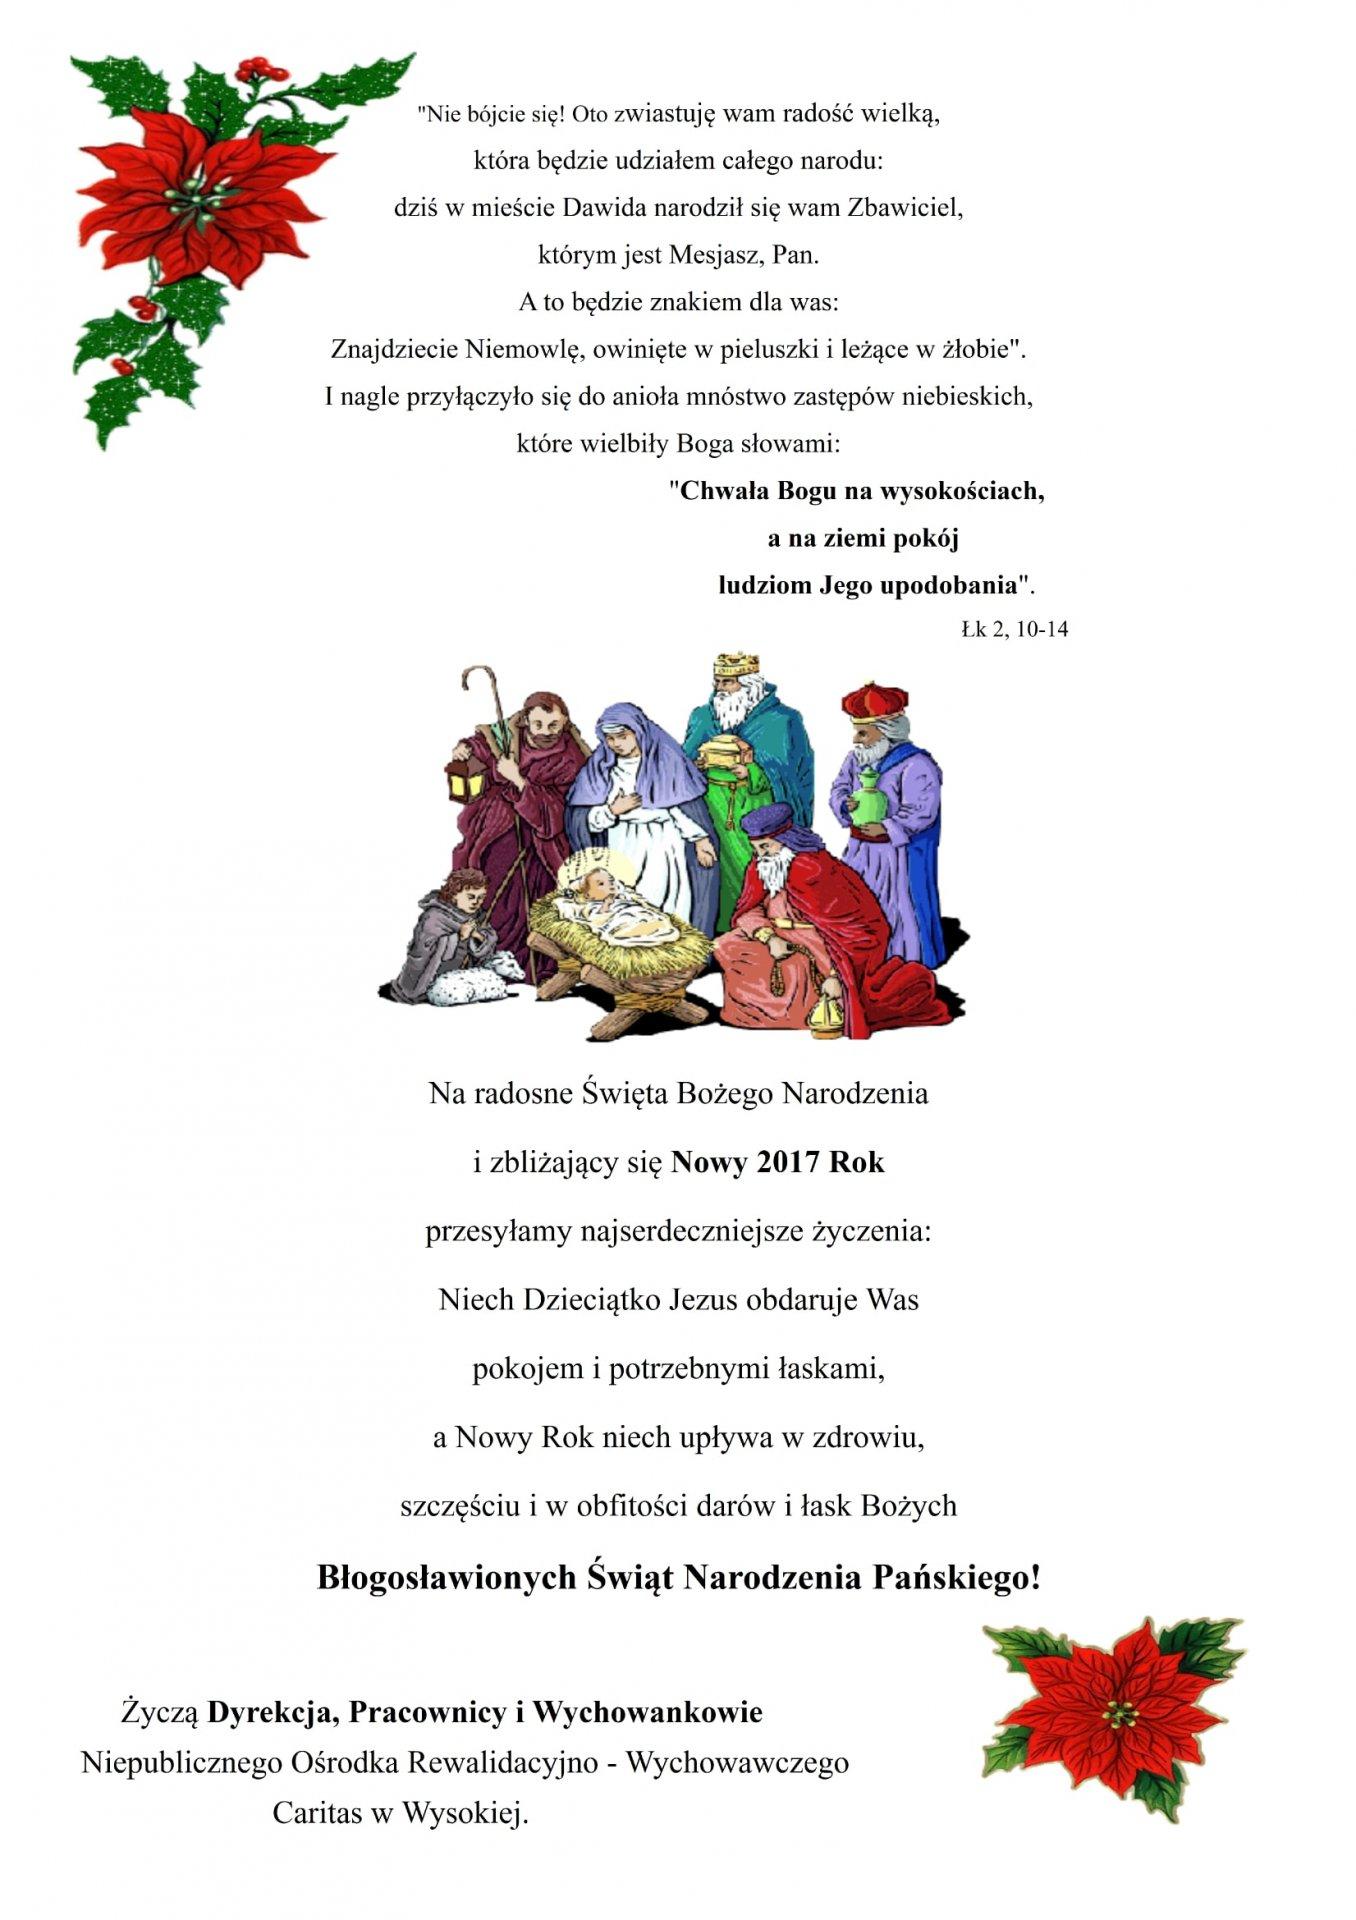 Życzenia na Boże Narodzenie 2016